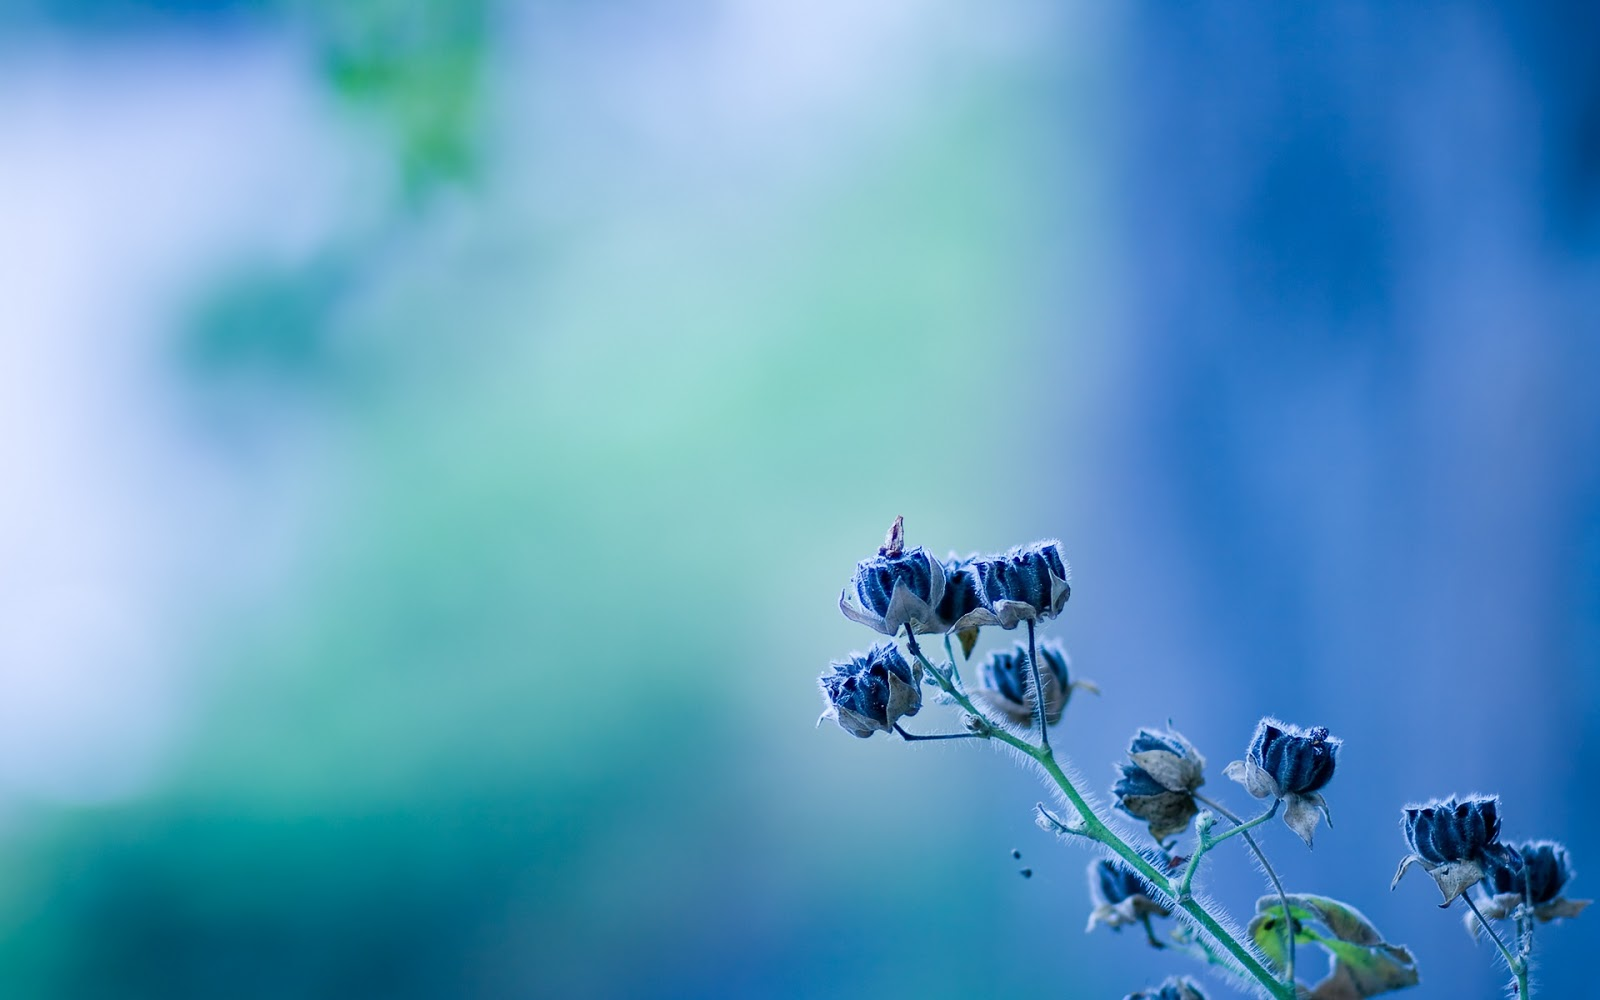 Hình nền hoa đẹp nhất wallpaper full hd hinh-nen-dep-anh-nen-hoa-dep-Flower-